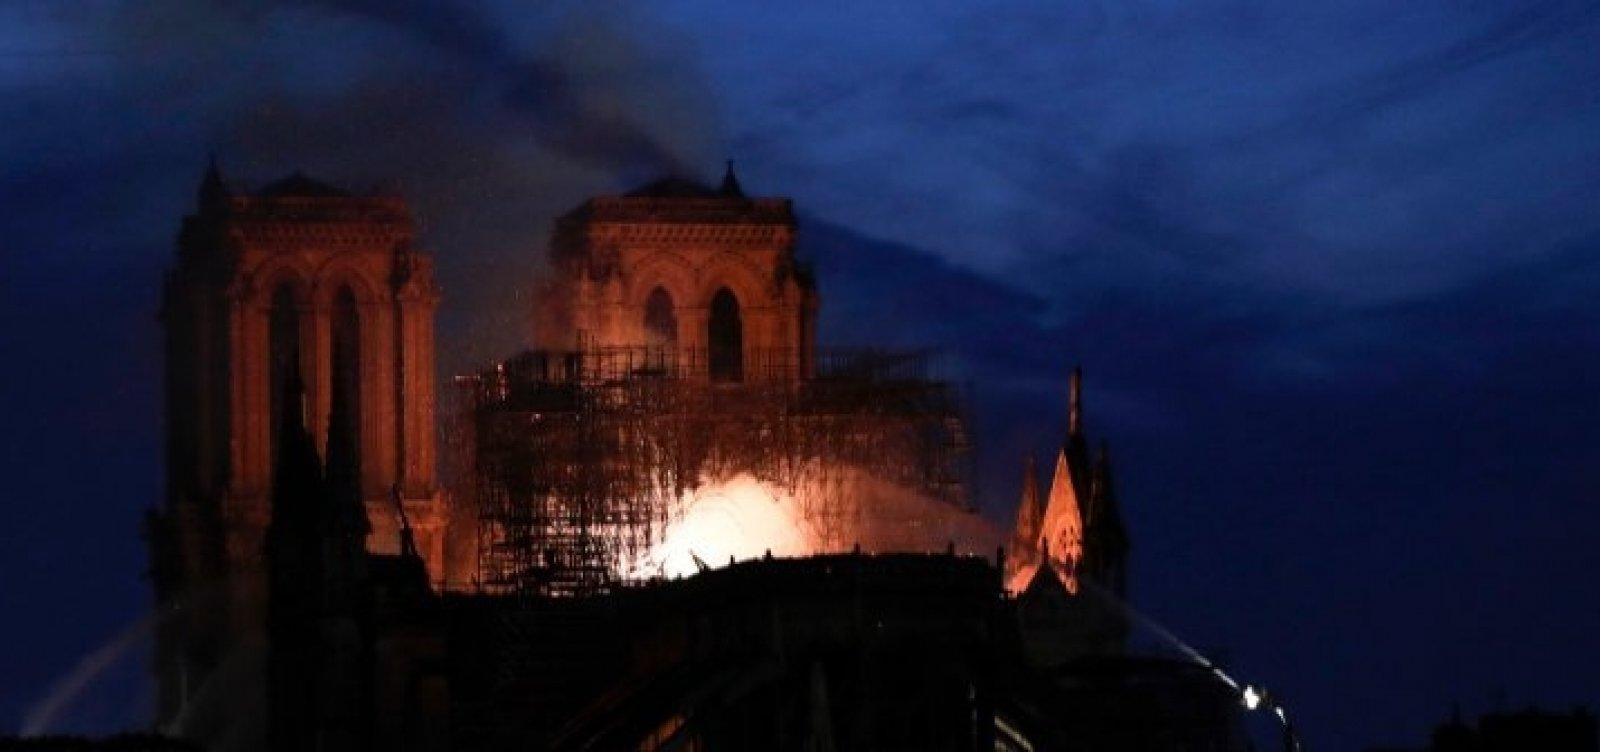 Bombeiros franceses não sabem se podem controlar incêndio em Notre-Dame